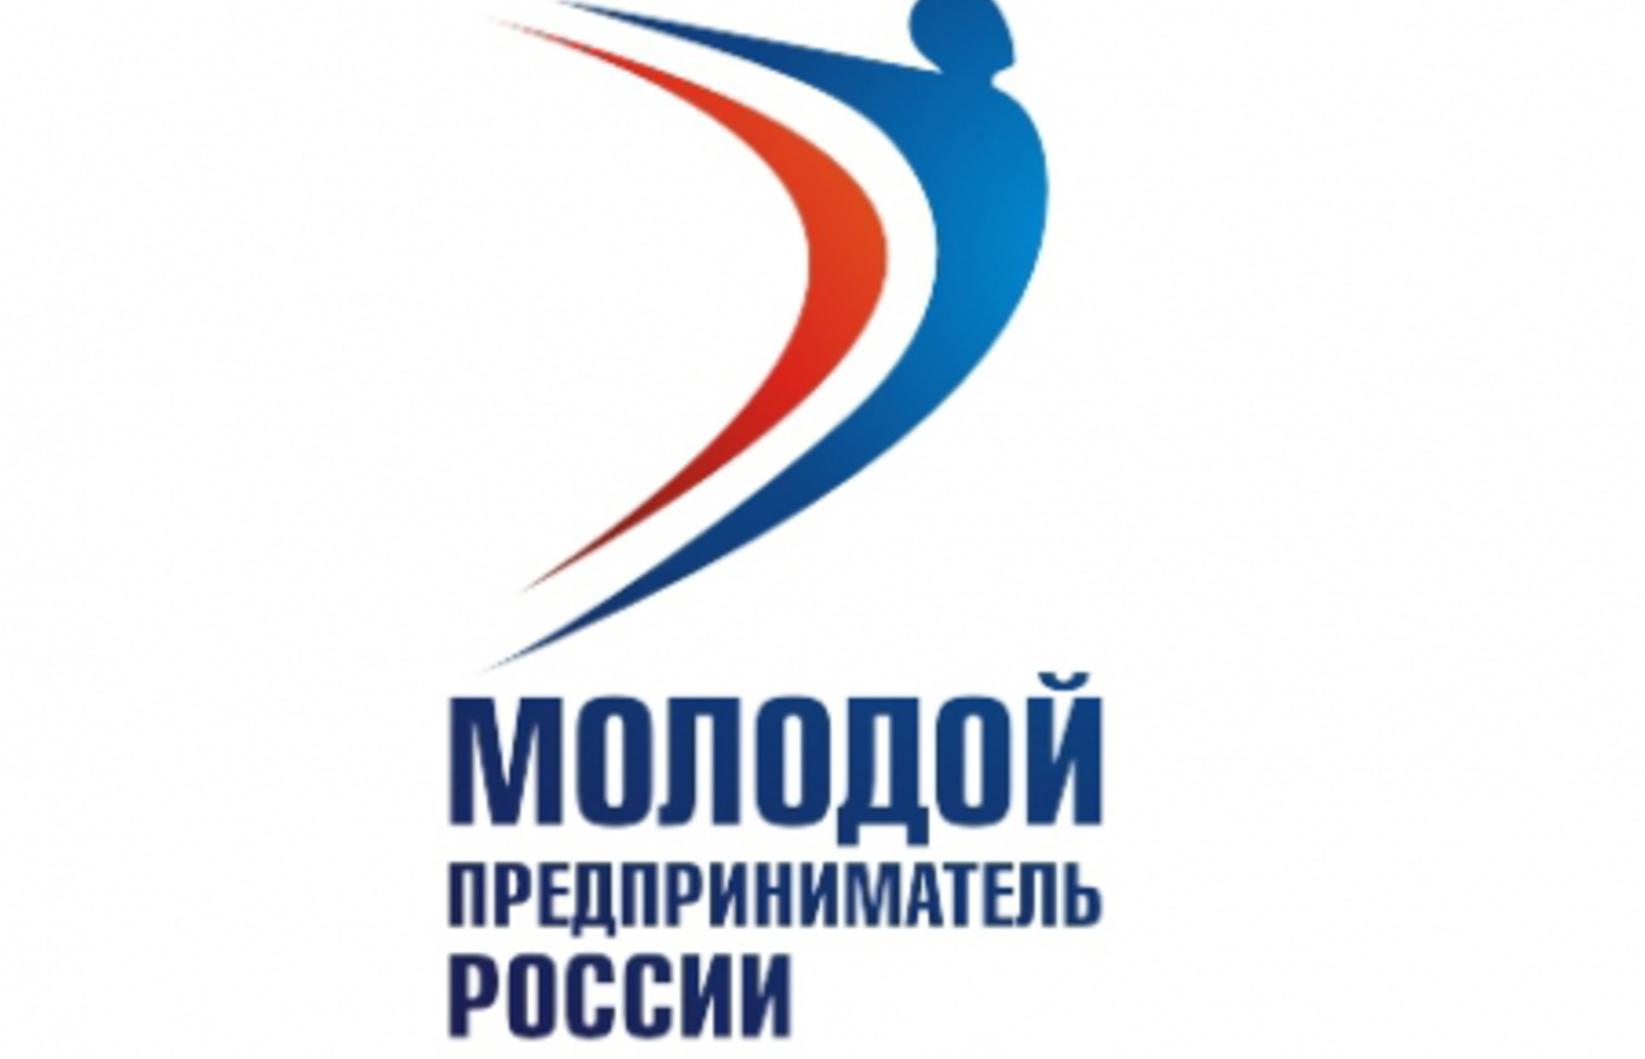 Предпринимателей края приглашают принять участие в региональном этапе Всероссийского конкурса «Молодой предприниматель России - 2015»